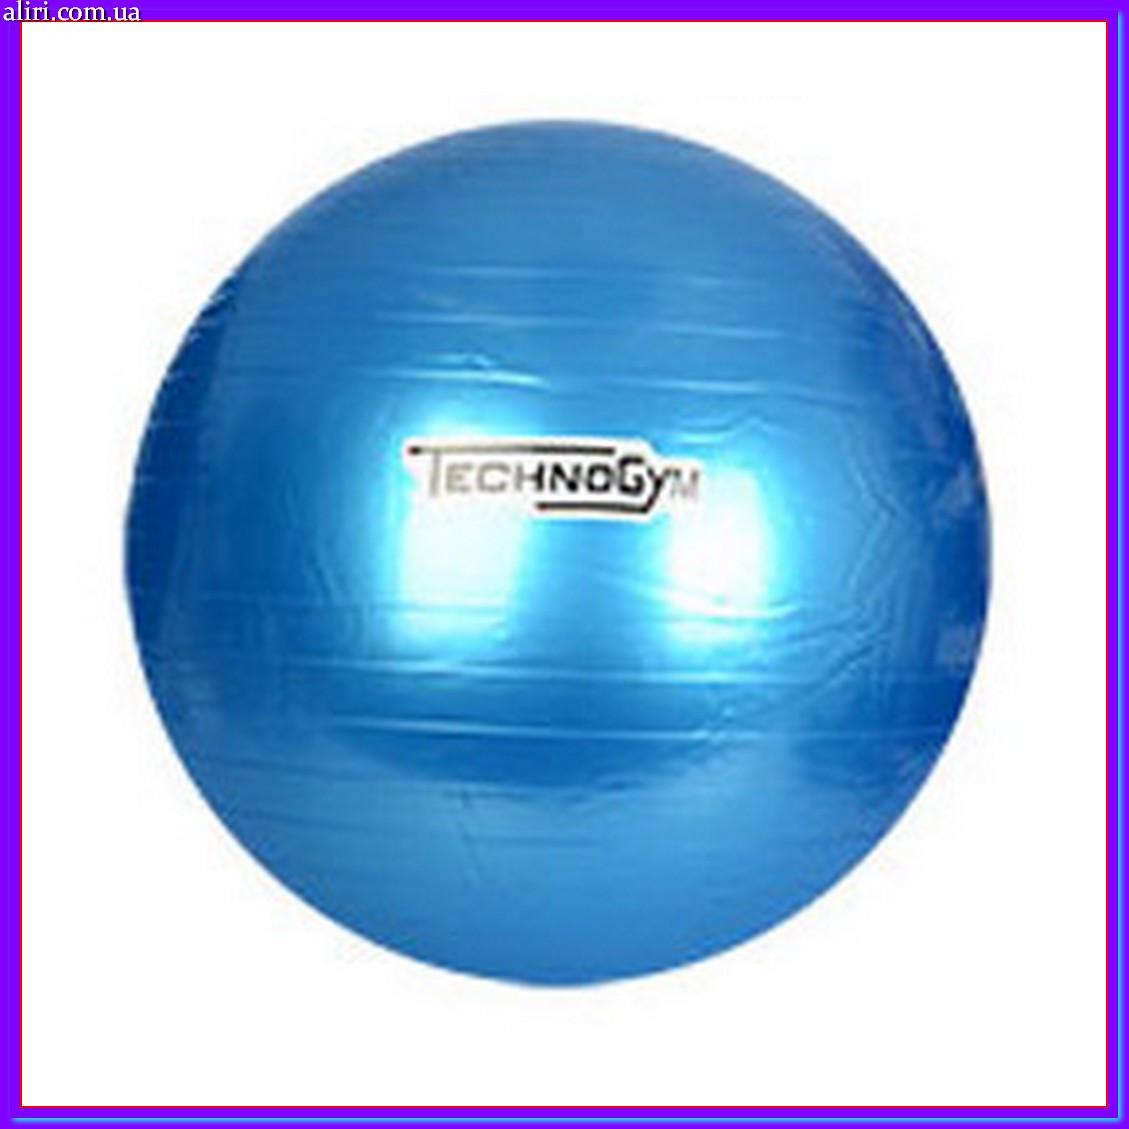 Мяч для фитнеса Techno Gym MS 0983 синий 75 см